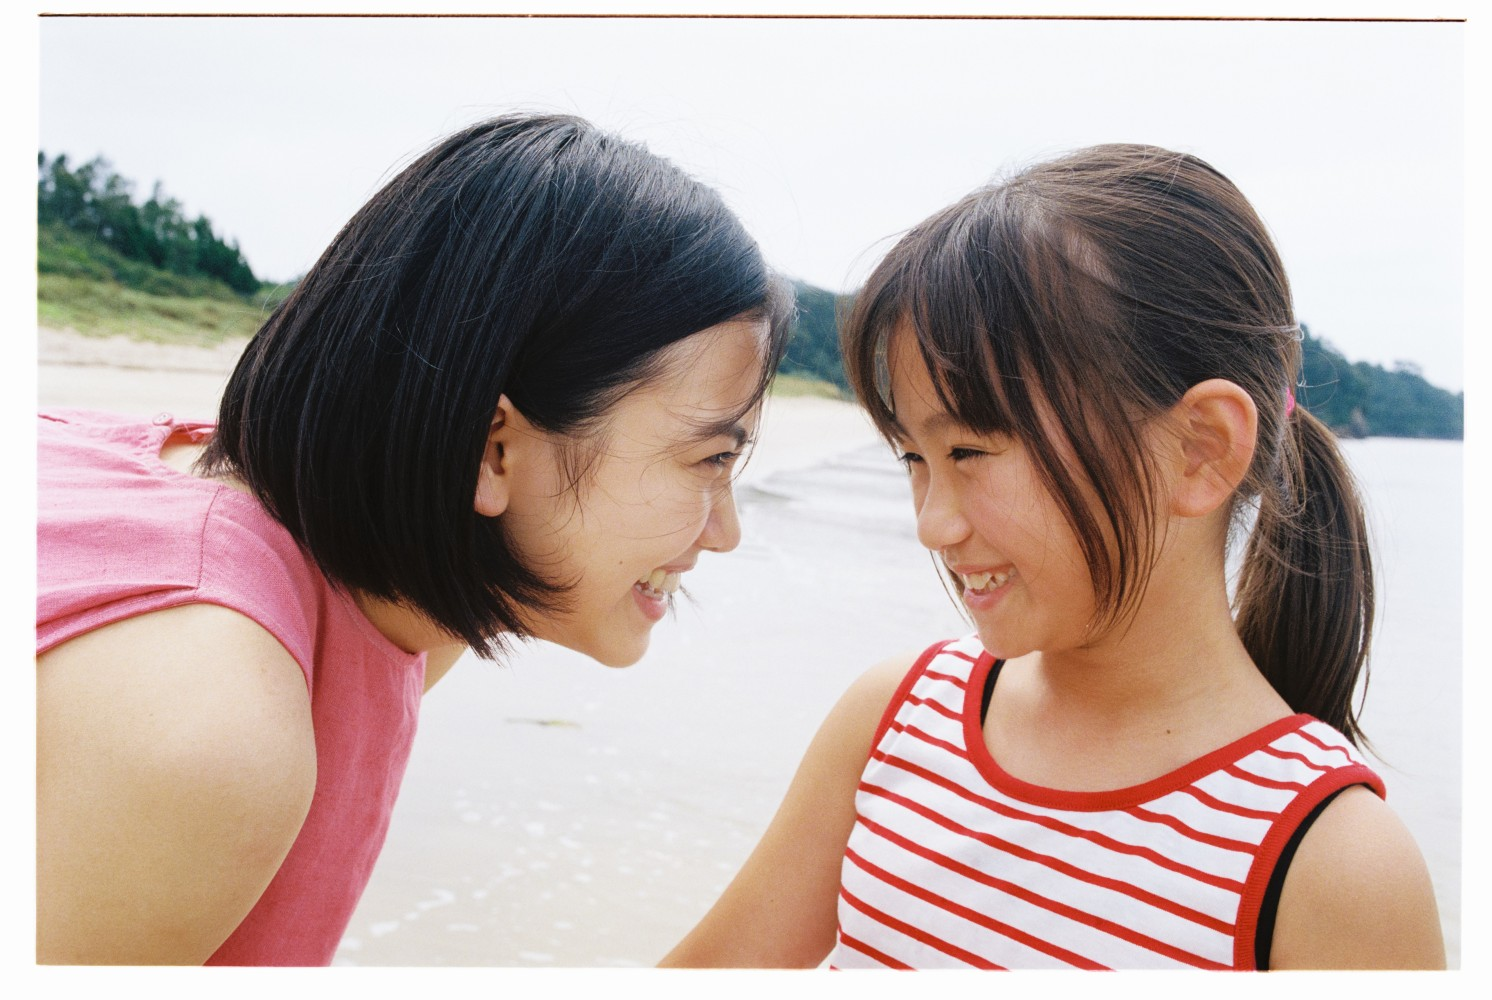 The Goldfish: Dreaming of the Sea recensione film di Ogawa Sara con Ogawa Miyu